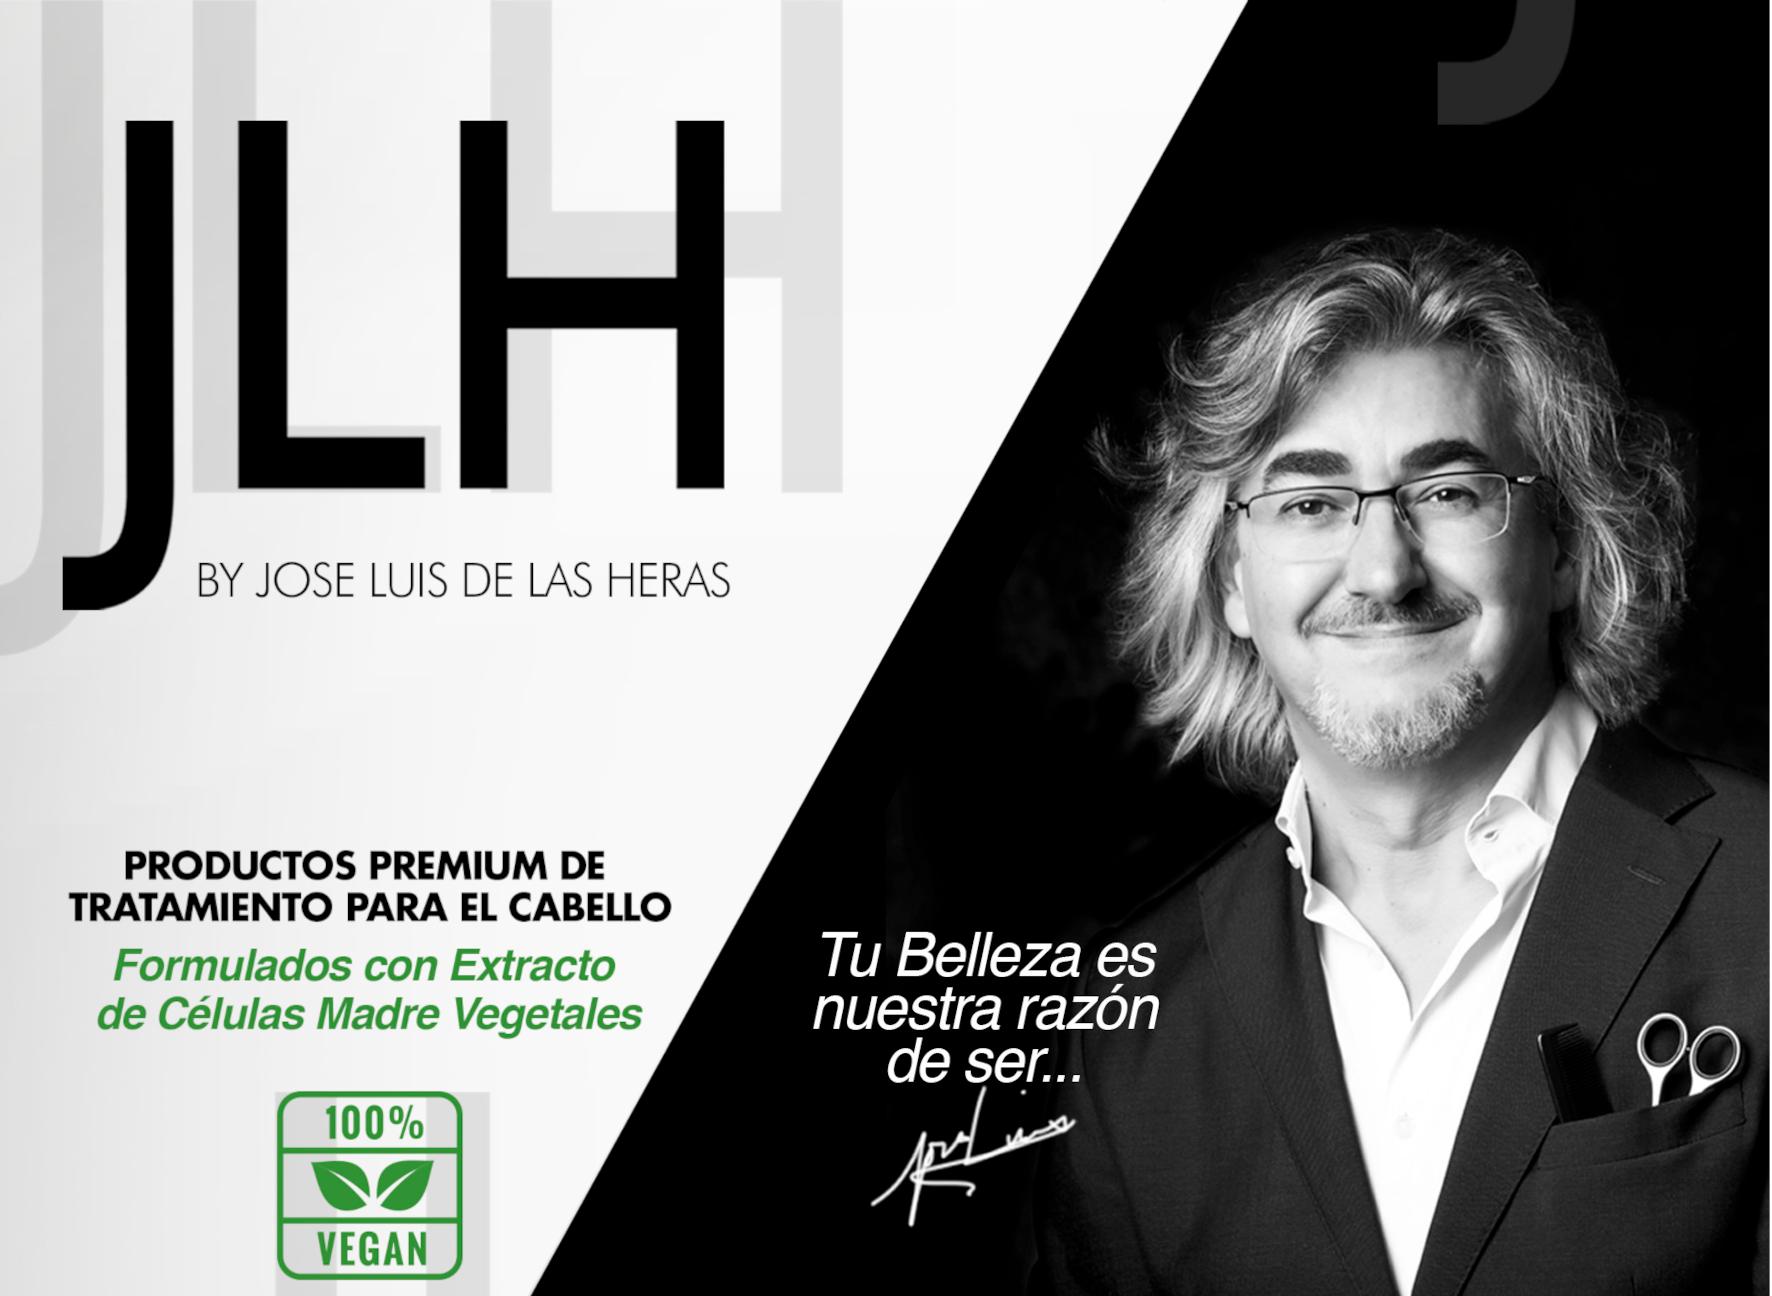 JLH - La nueva línea premium de alta cosmética capilar